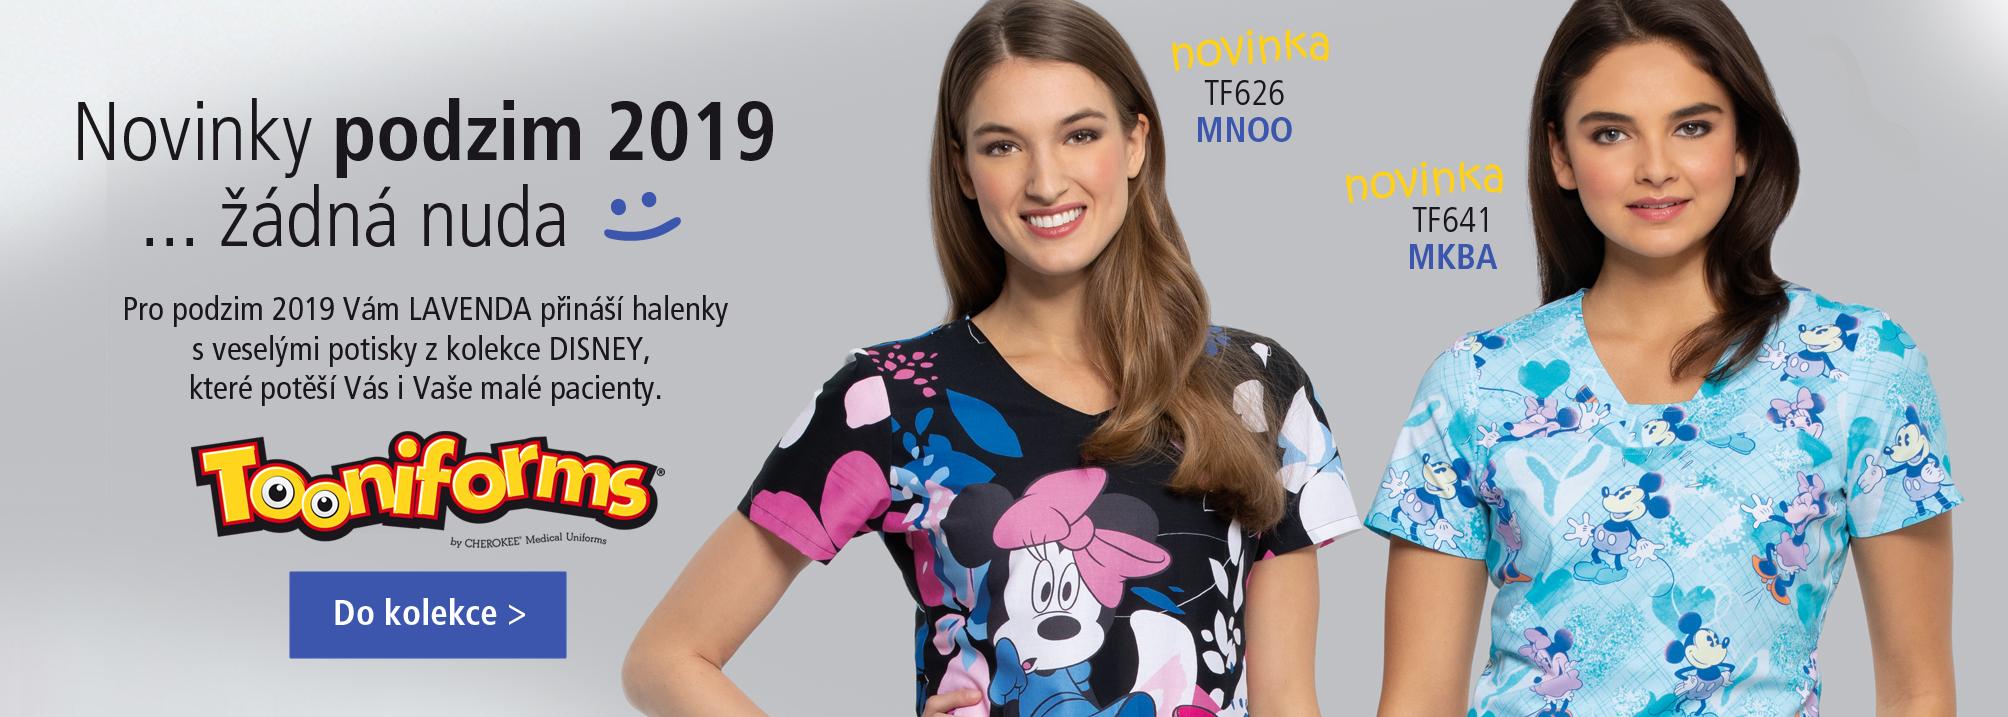 Novinky Disney podzim 2019